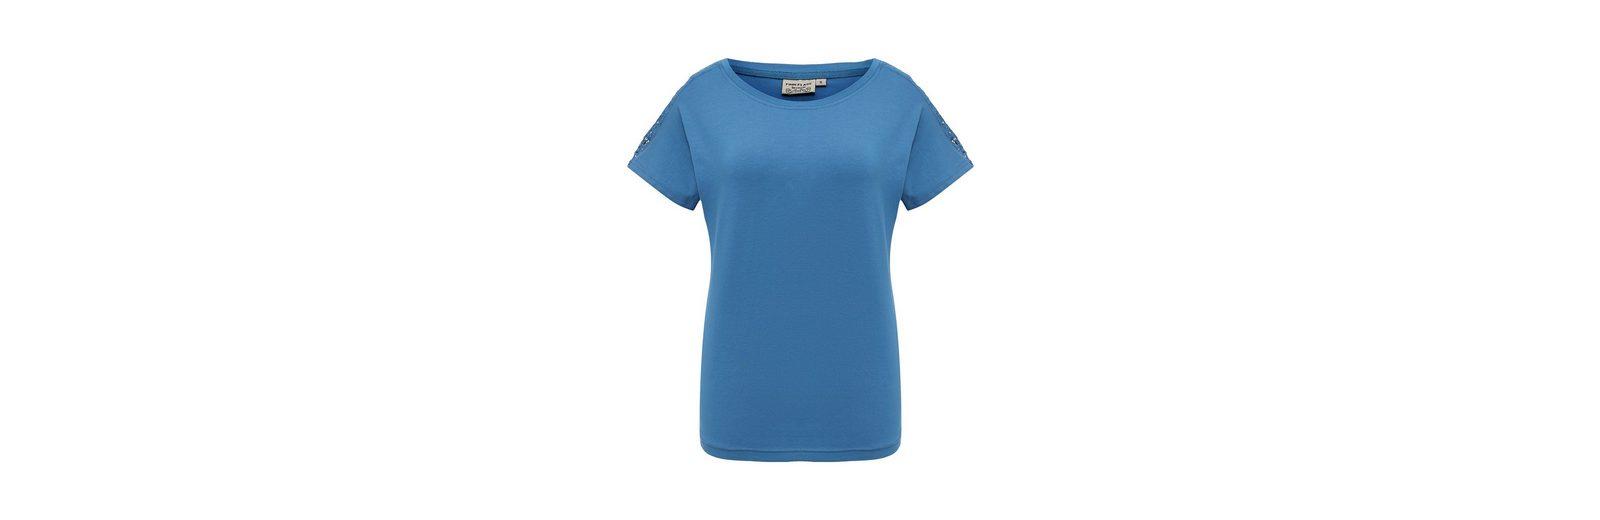 Finn Finn Shirt mit T Shirt Finn Flare T Flare T Flare Shirt mit Spitzen盲rmeln Spitzen盲rmeln rZrqBw